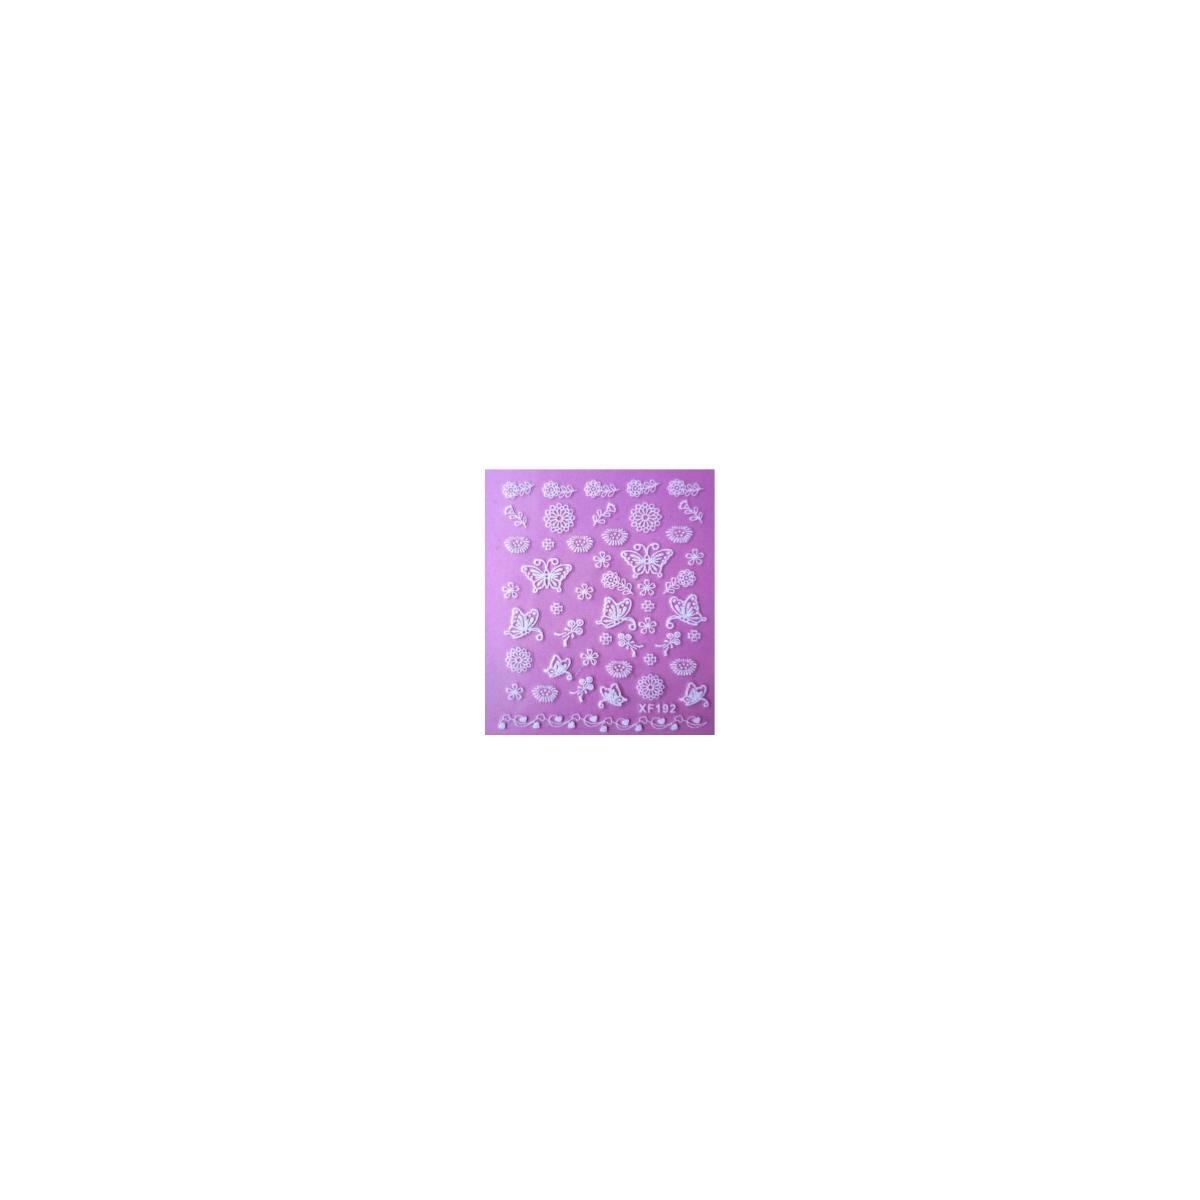 https://www.kit-manucure.com/135-thickbox_default/stickers-pour-ongles-papillons-et-fleurs.jpg